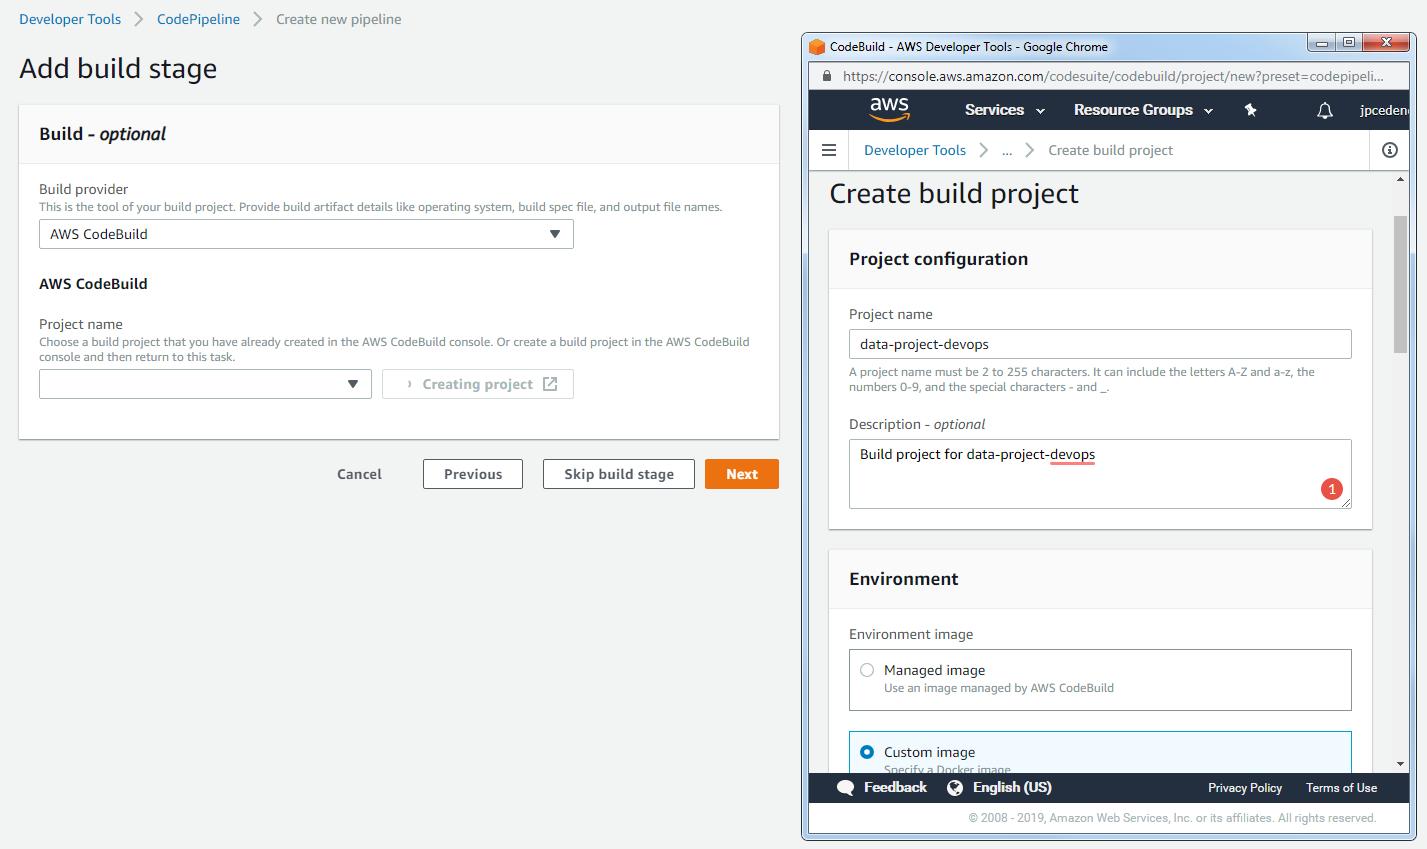 Configure the build provider